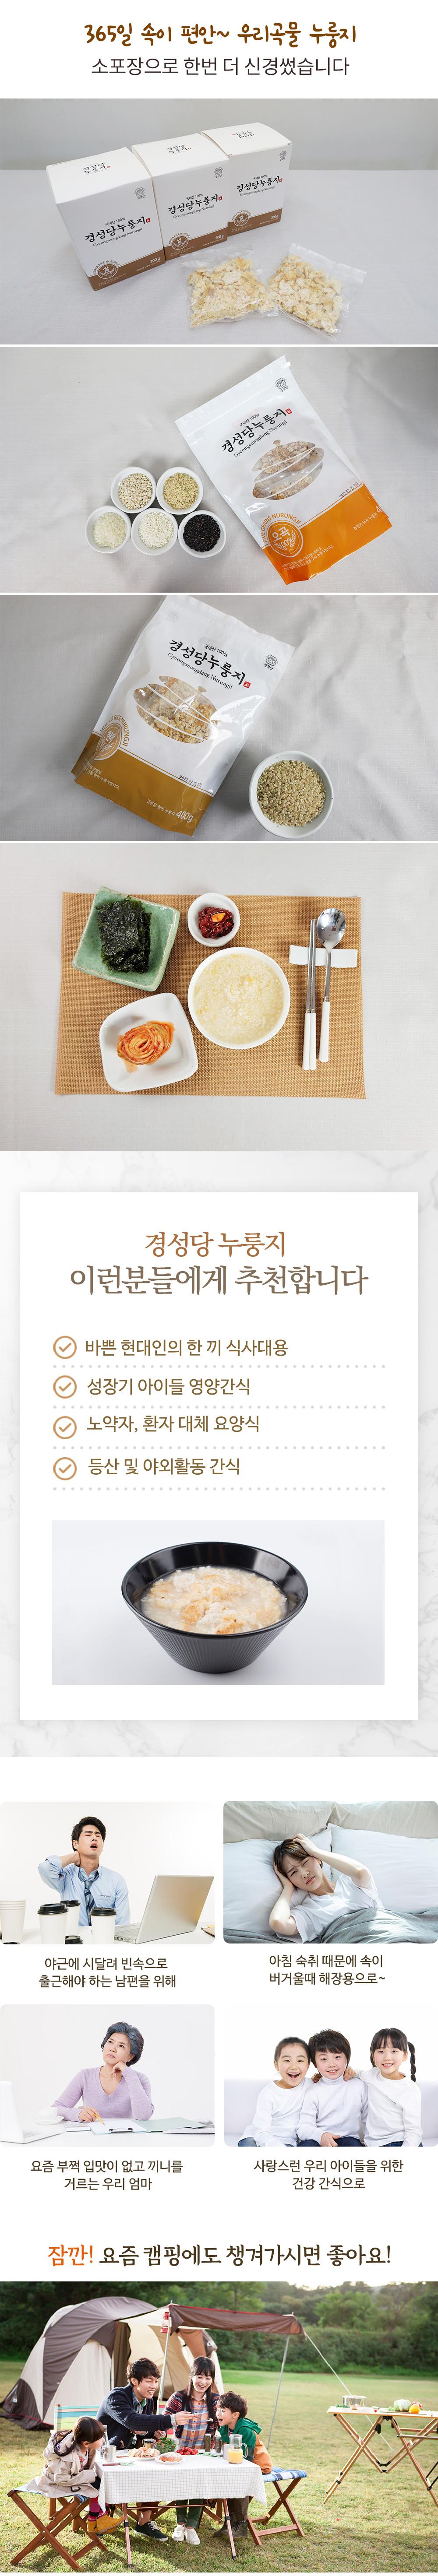 경성당누룽지_05.jpg